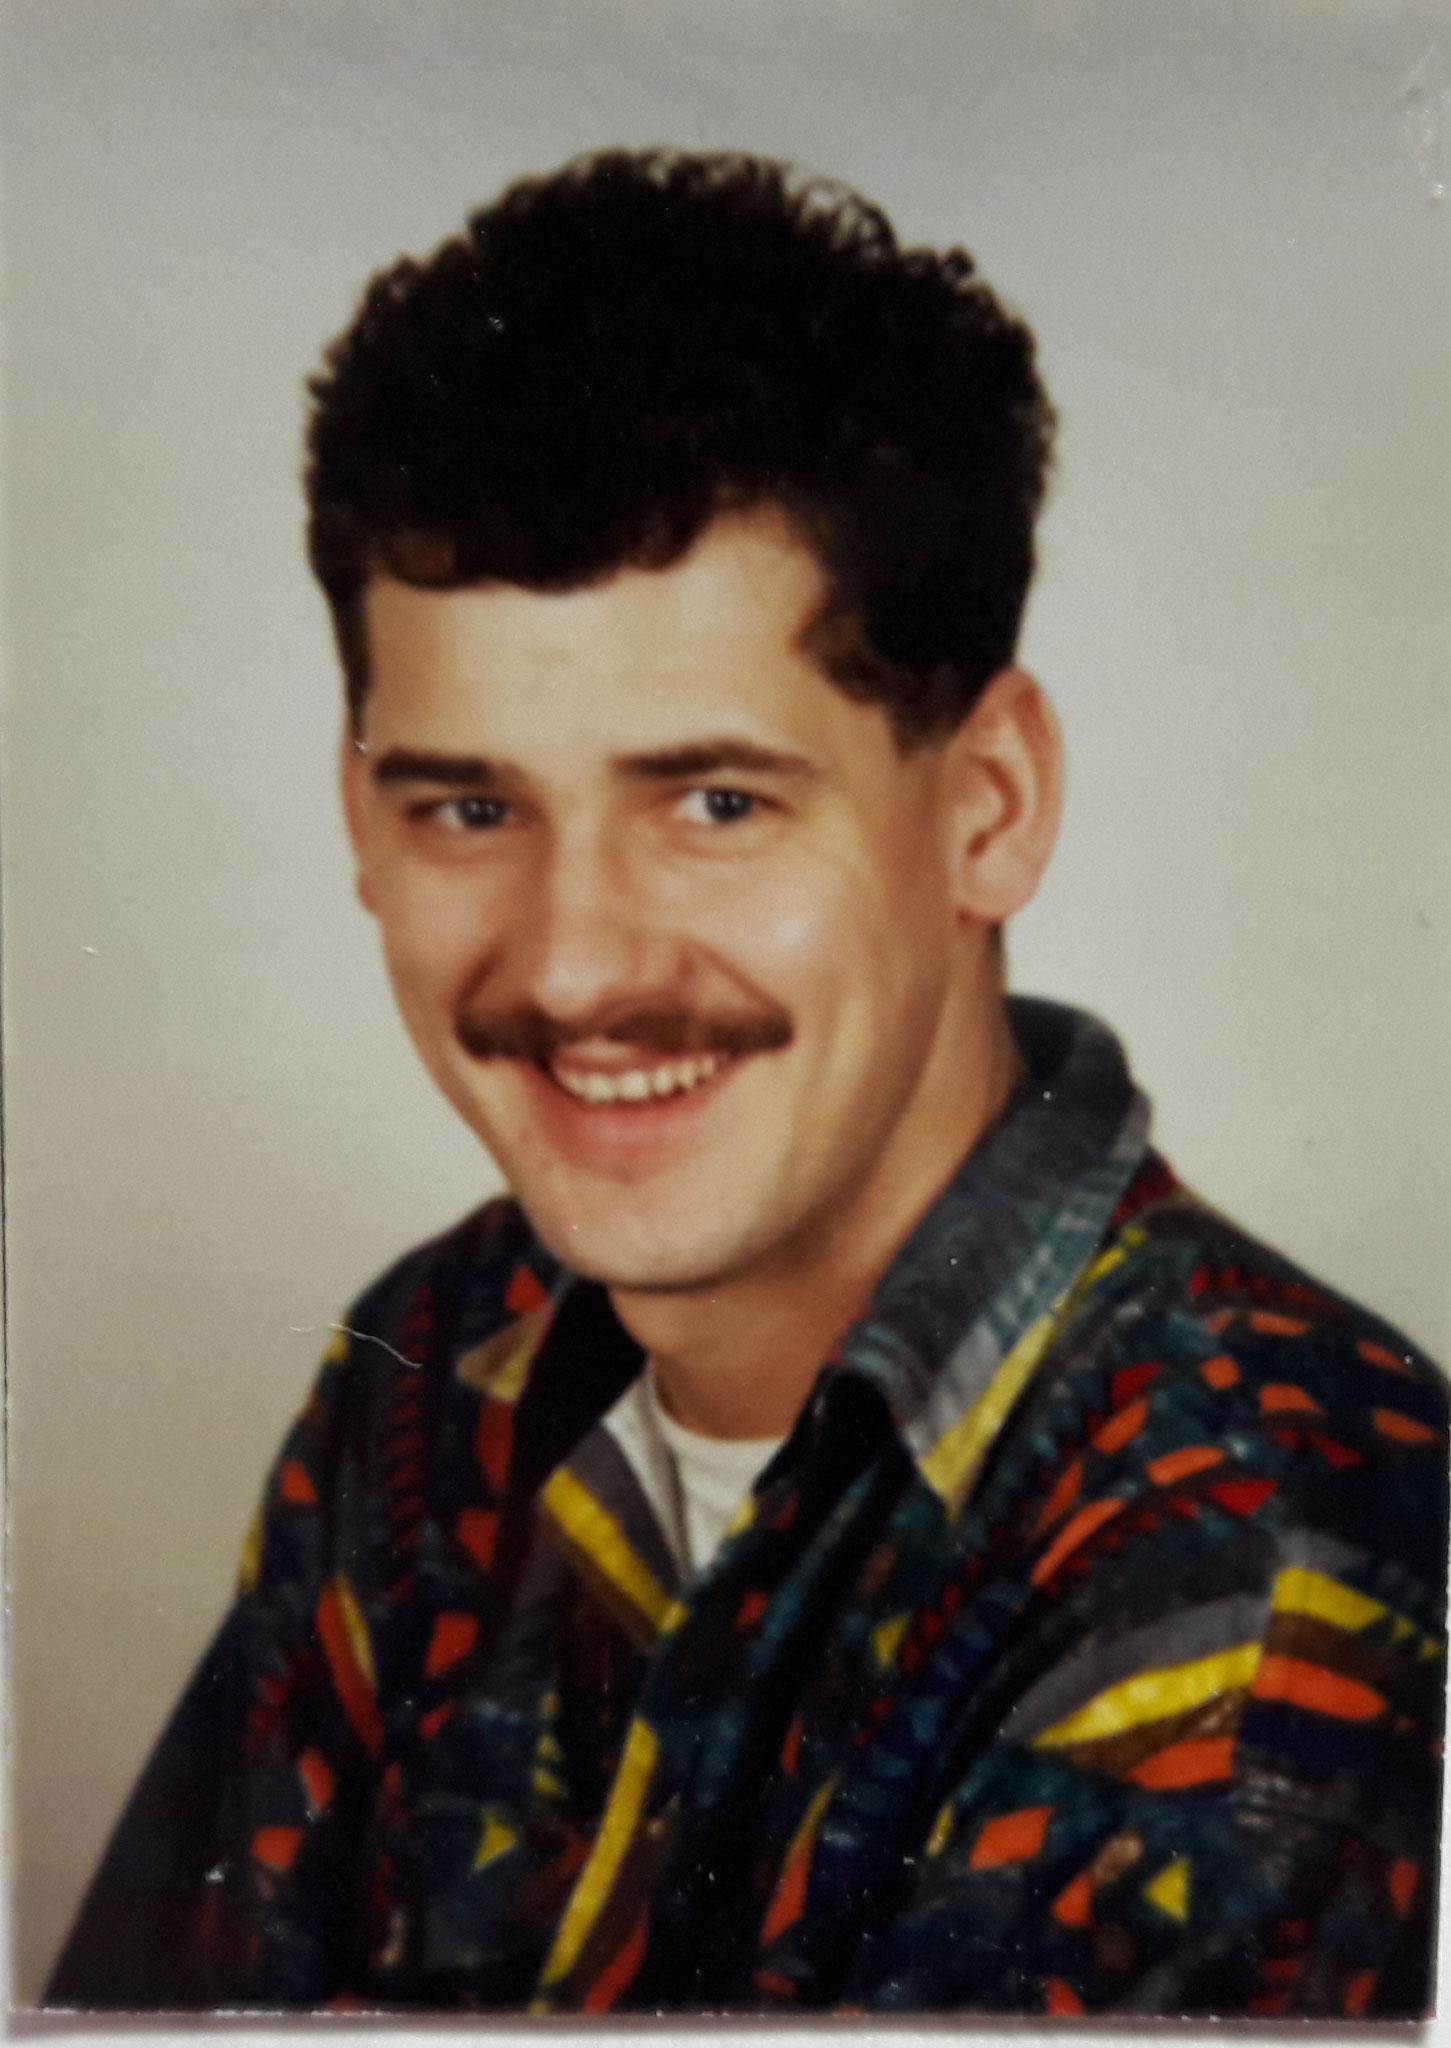 Ralf Bitter bei seinem Eintritt in die Wehr 1987